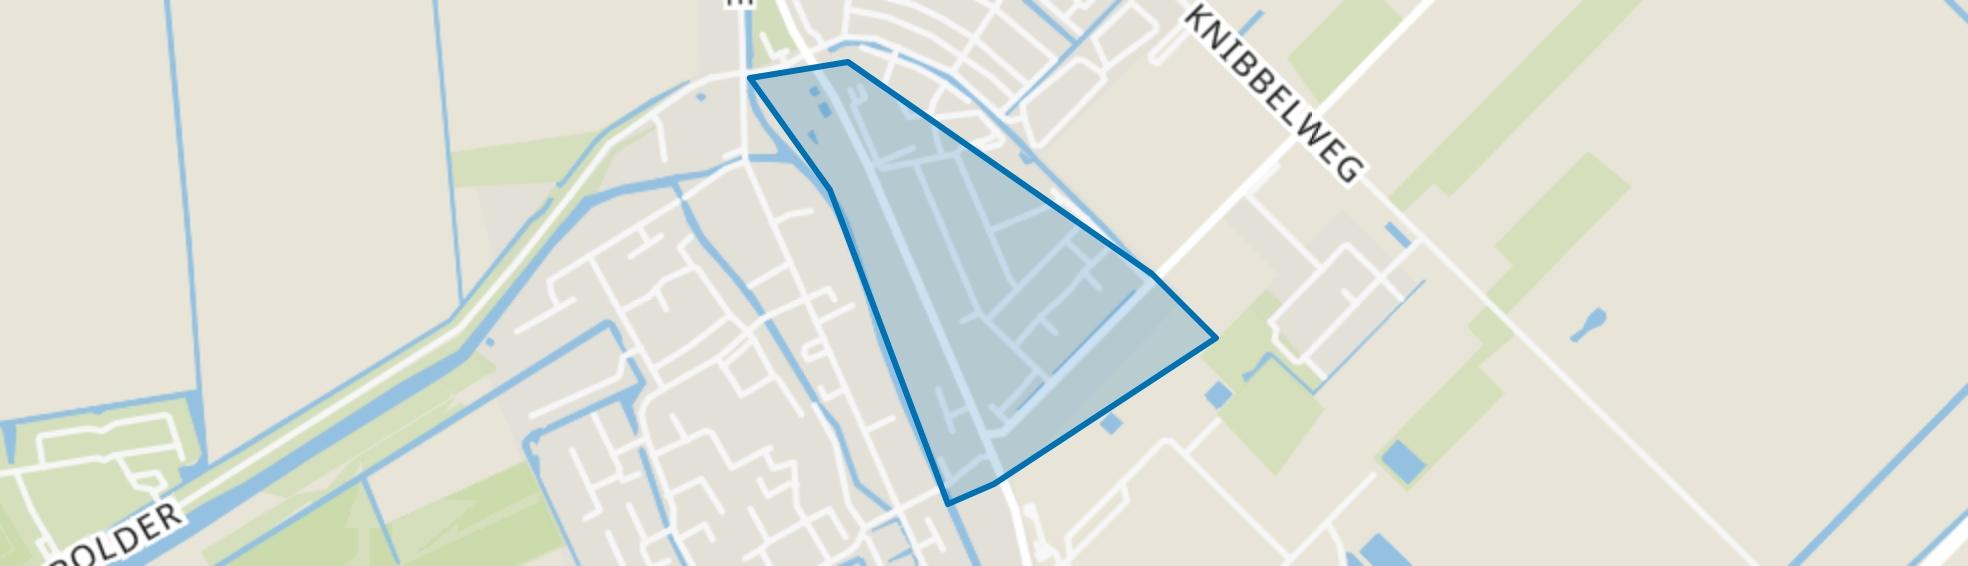 Zevenhuizen Bloemenbuurt, Zevenhuizen (ZH) map